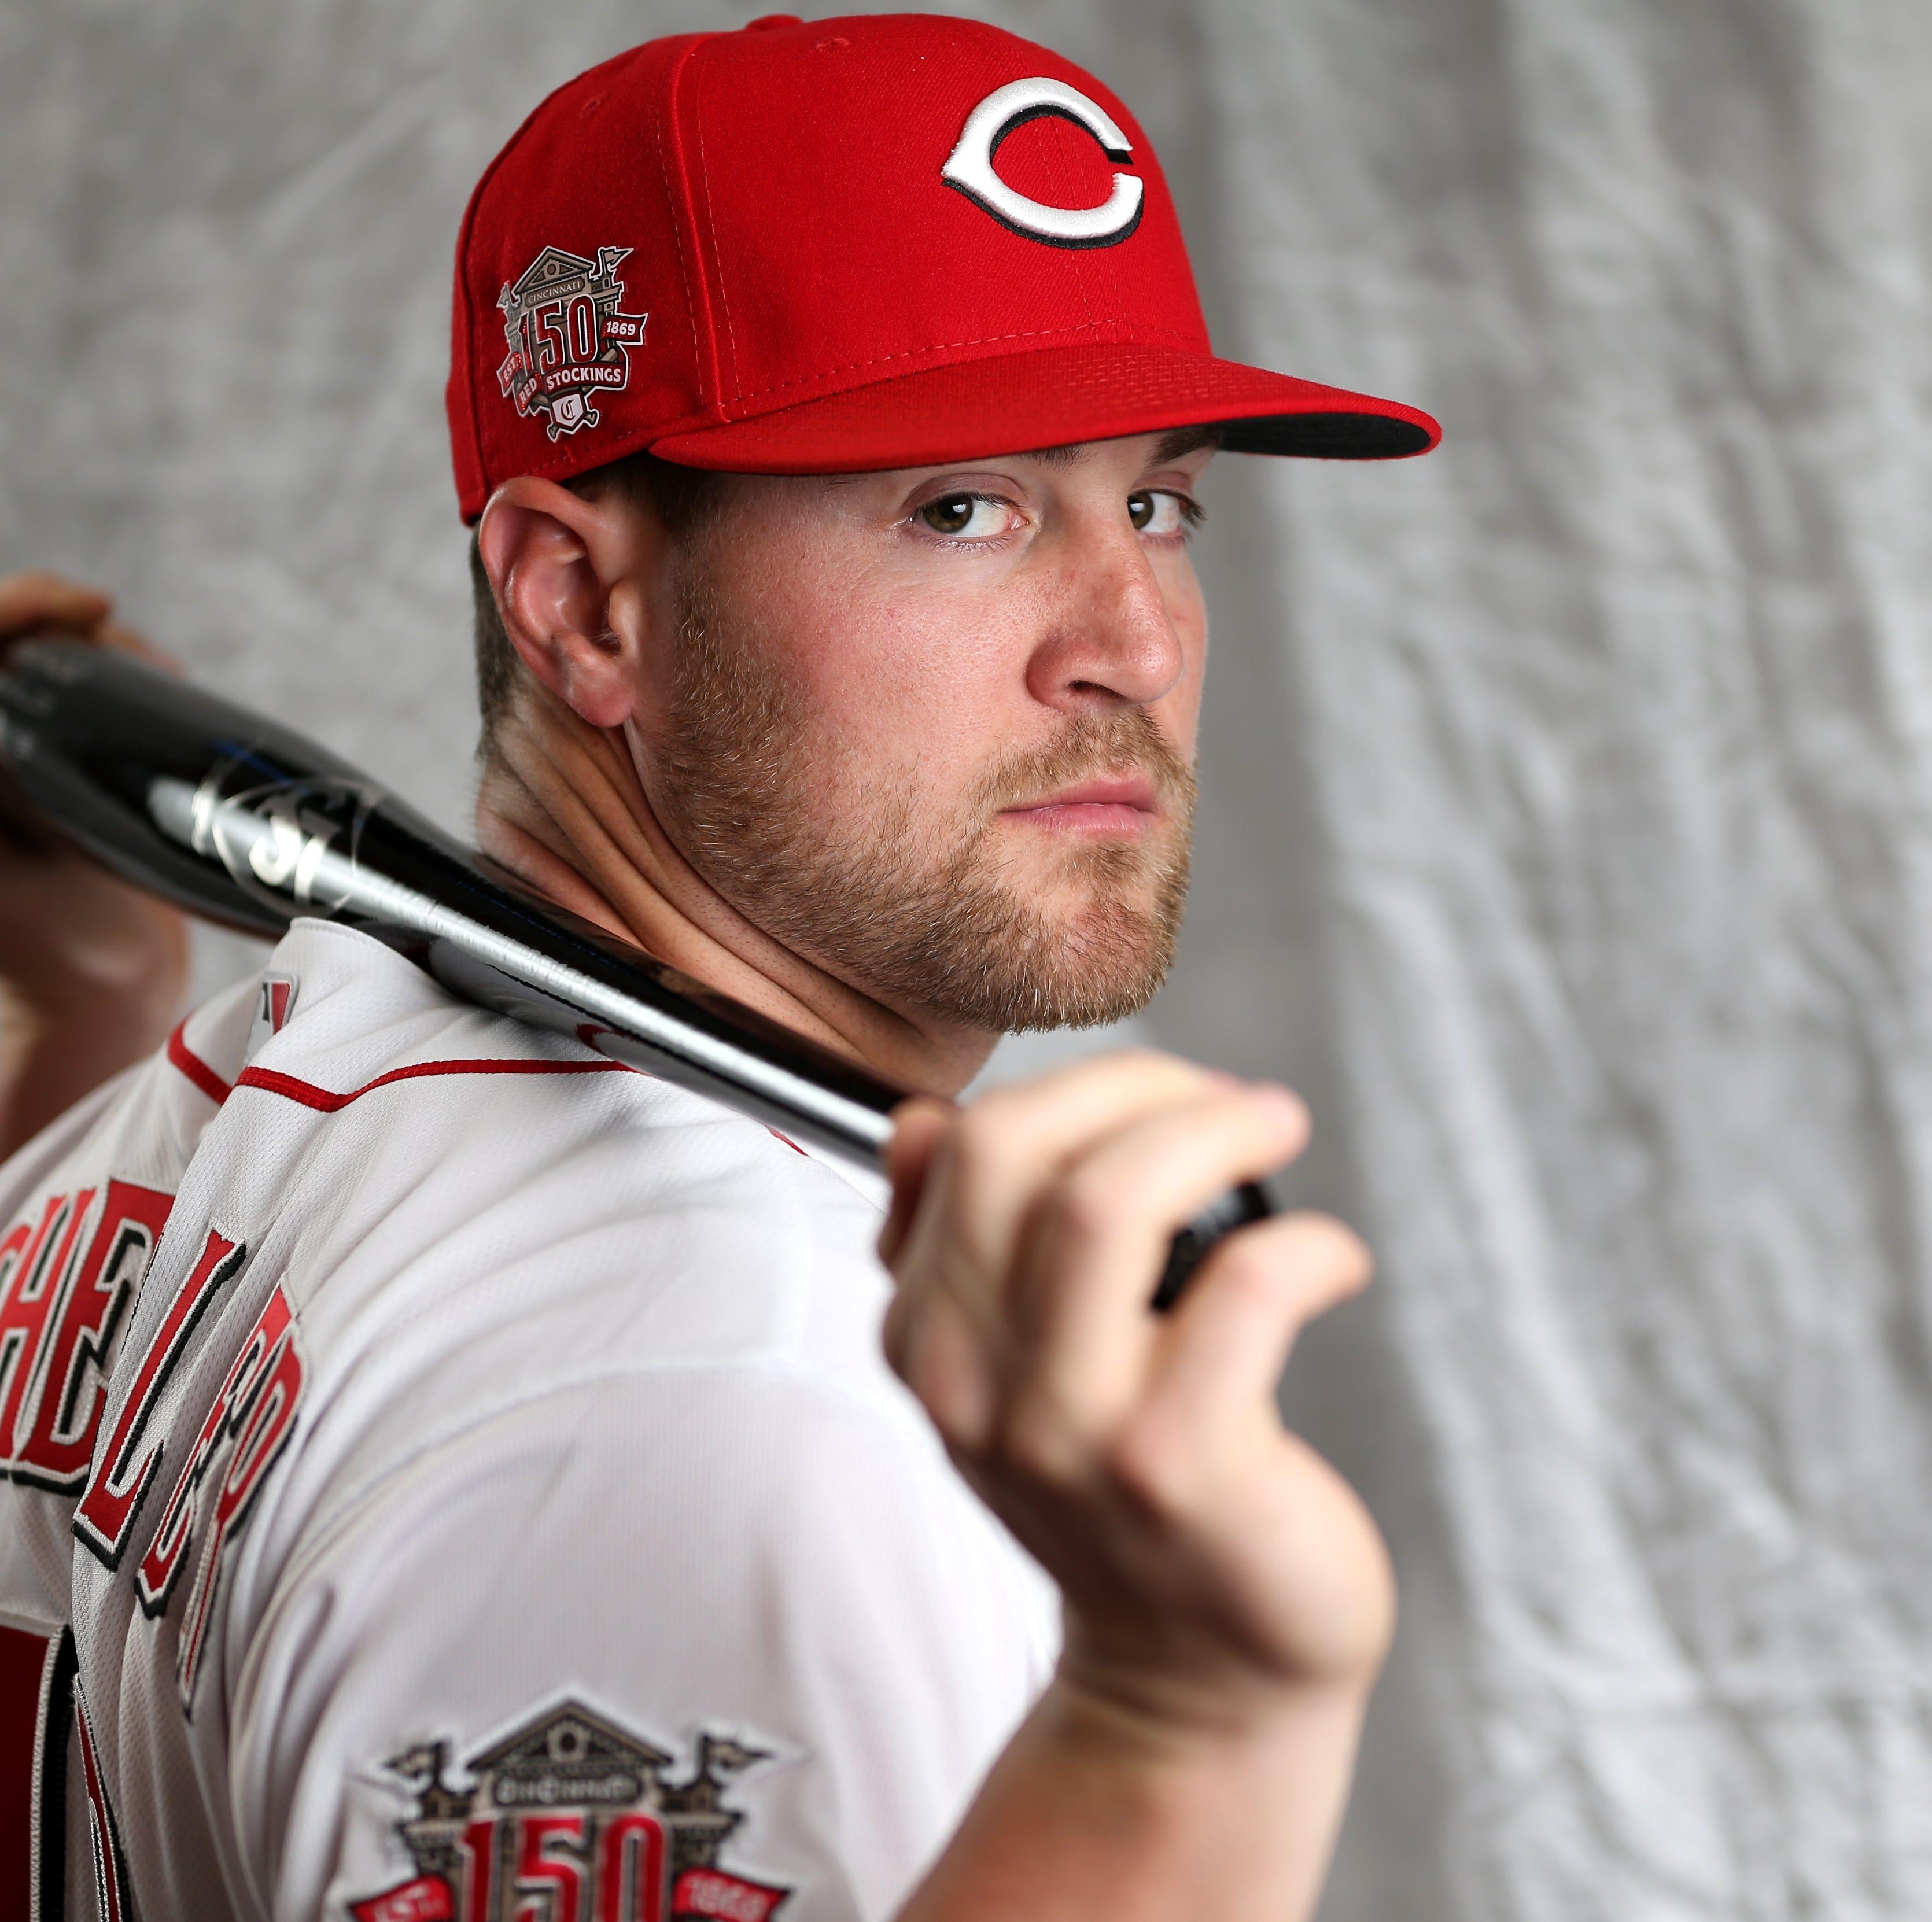 Scott Schebler hits 3-run homer in Cincinnati Reds' spring win over San Diego Padres